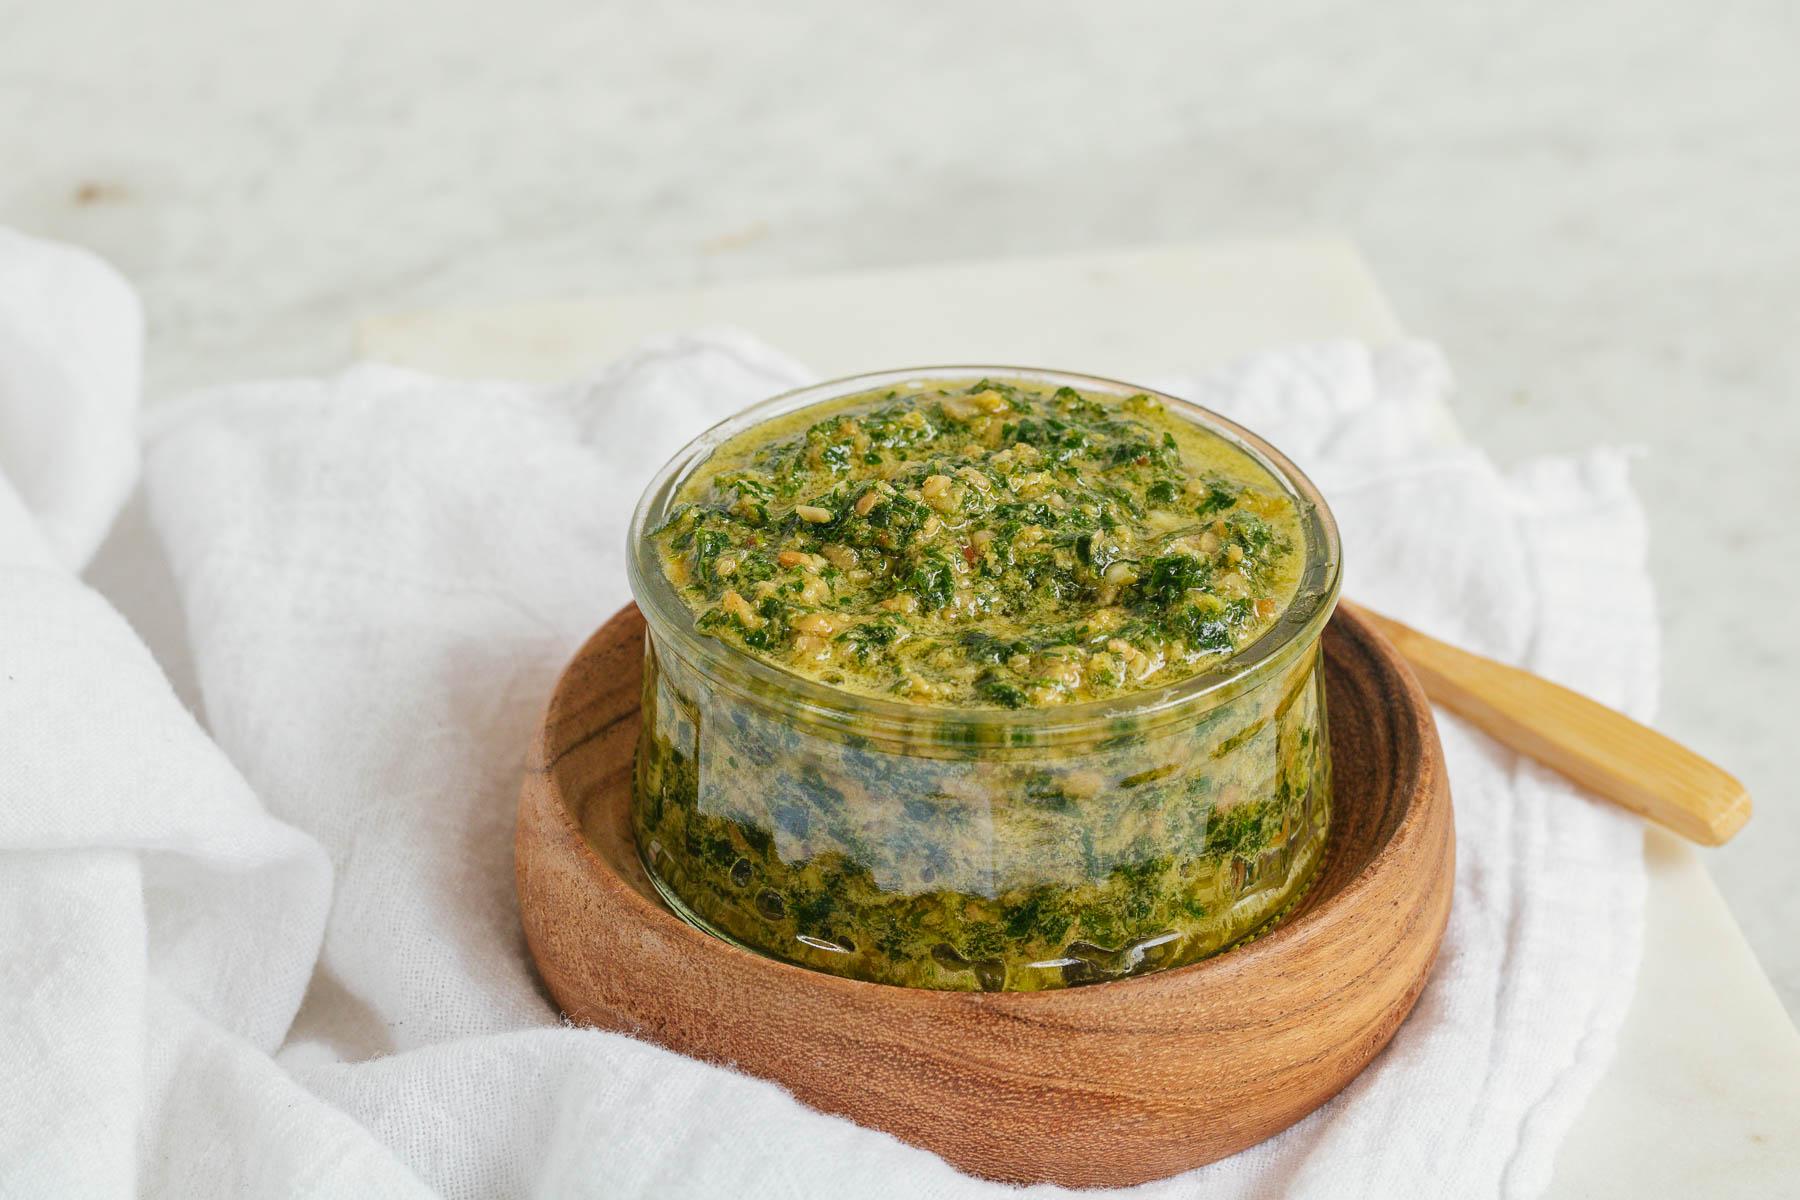 pesto in a small bowl